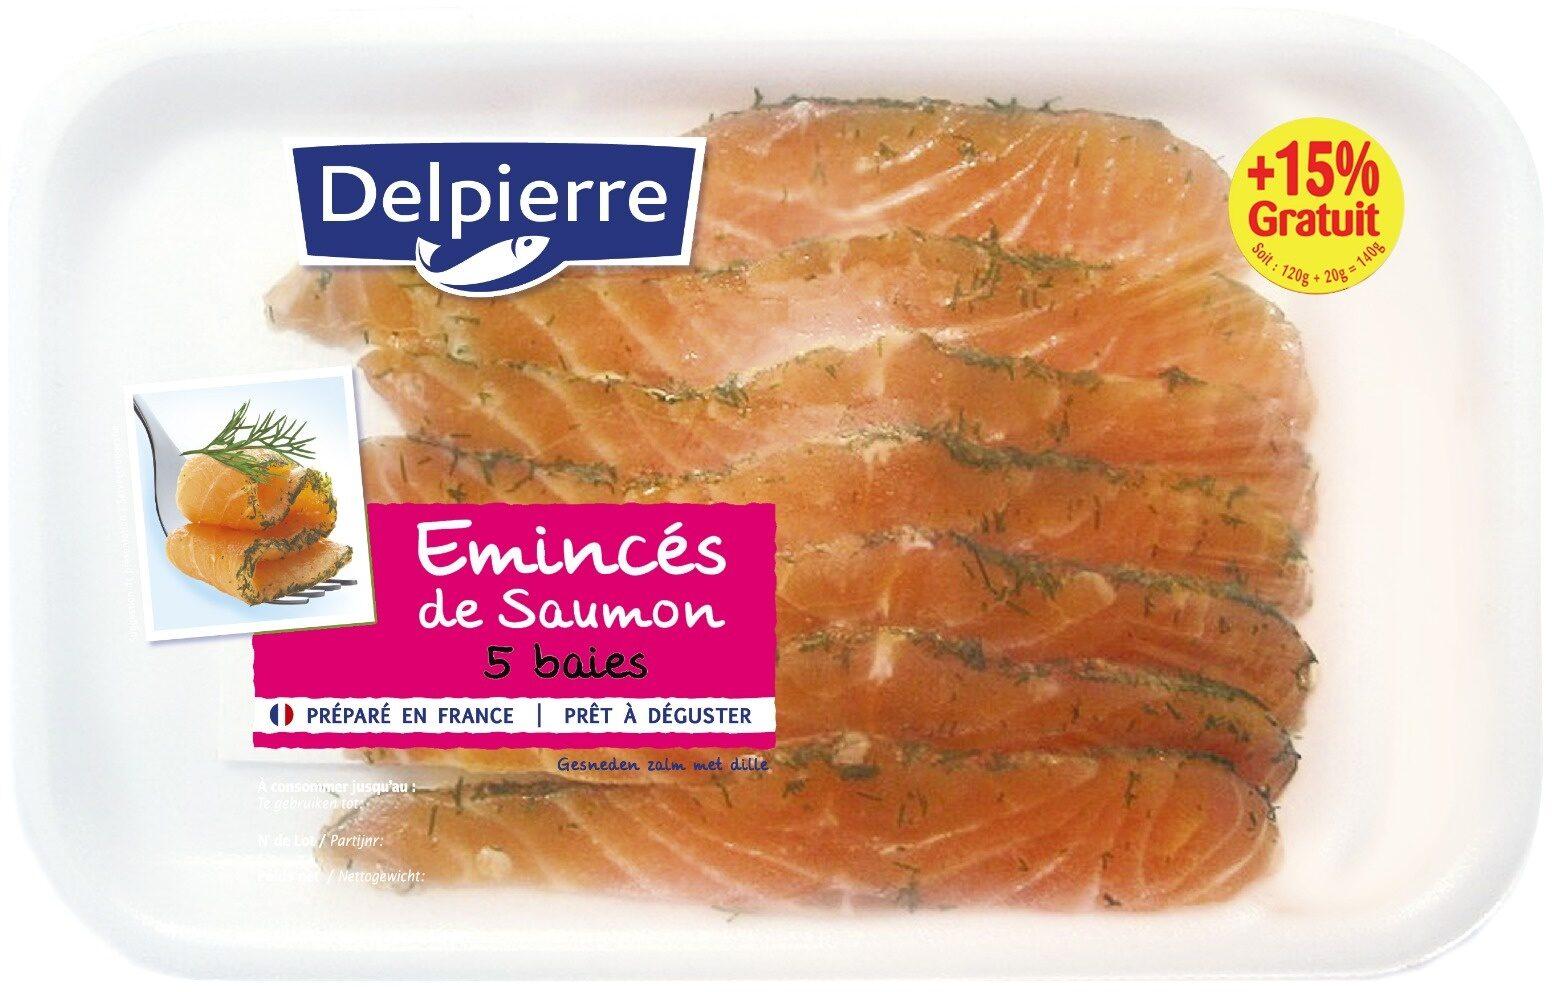 Emincés de saumon 5 baies 140 g - Product - fr